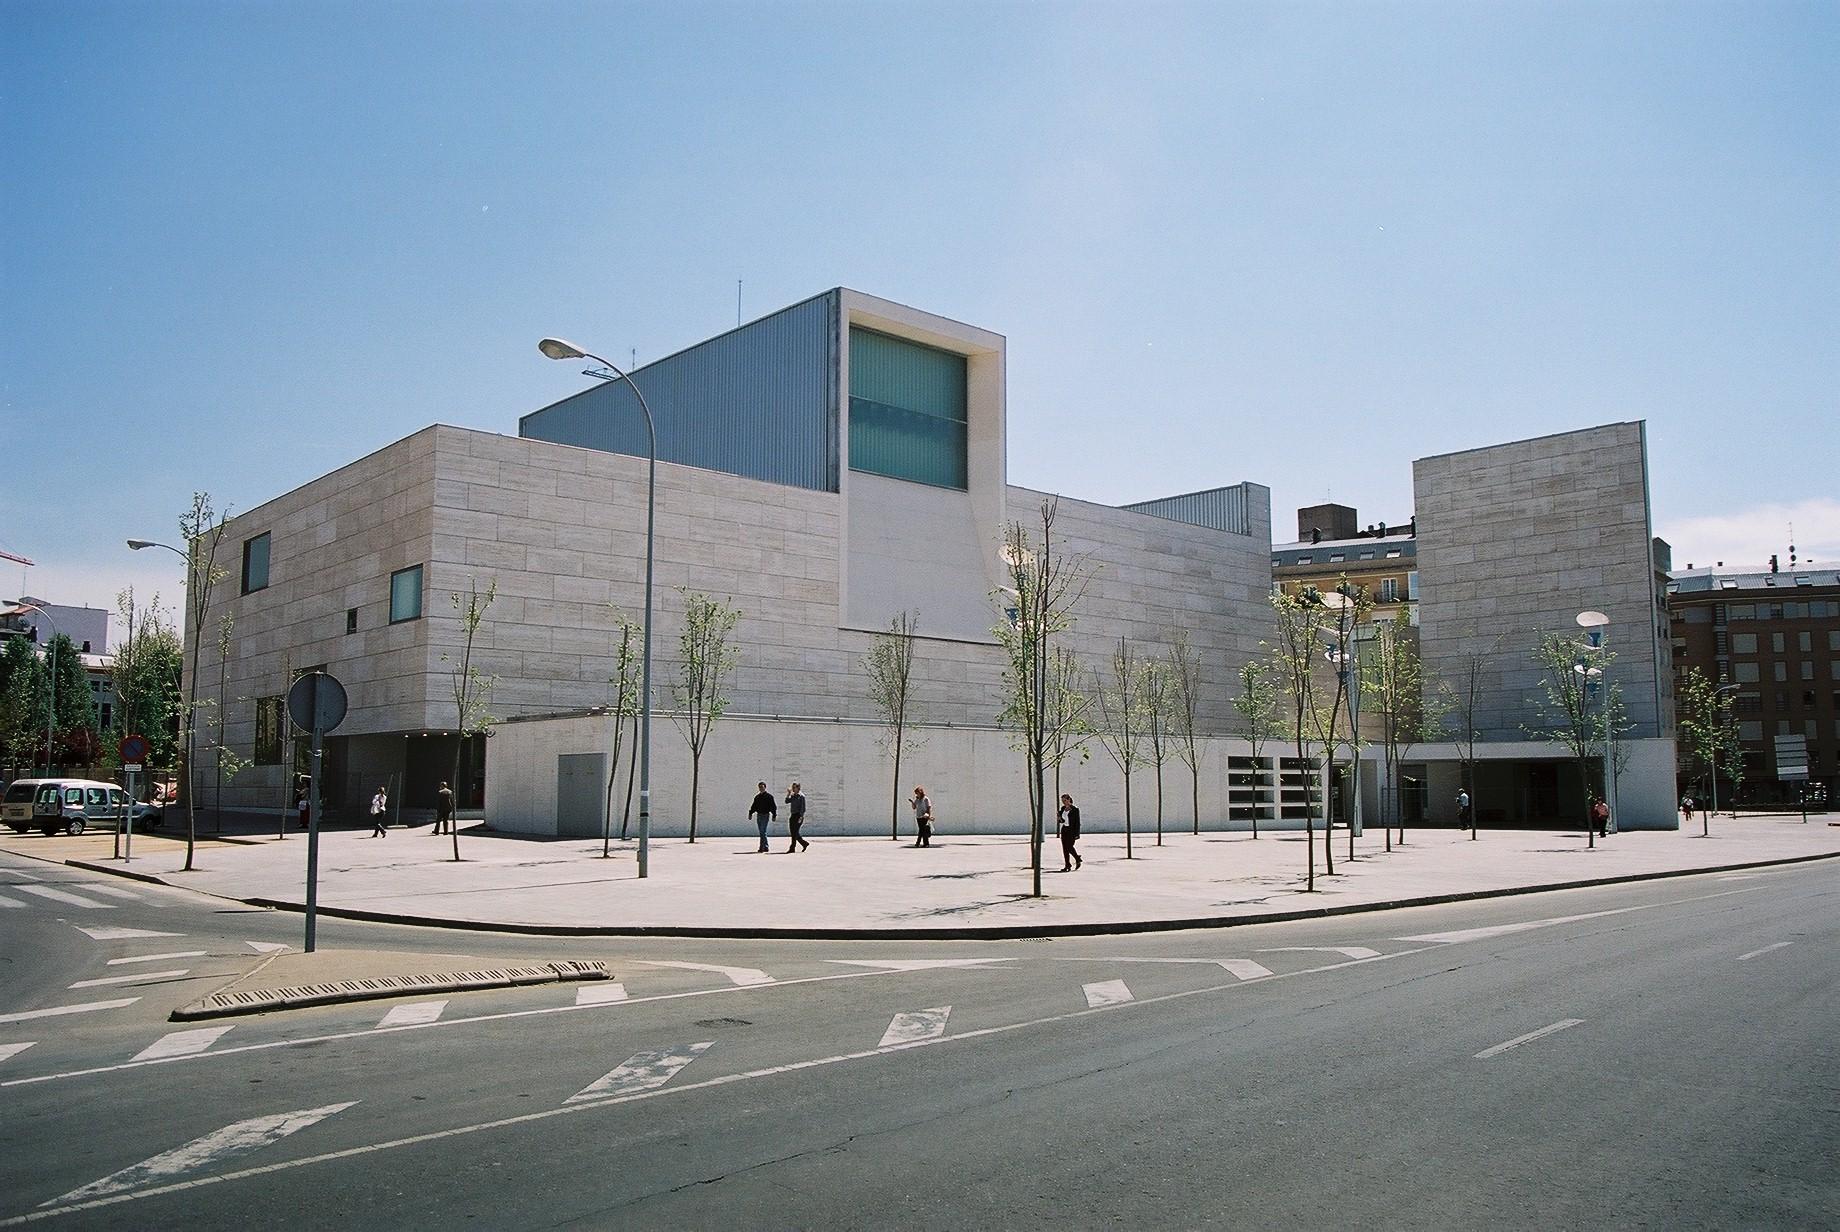 Concert Hall façade